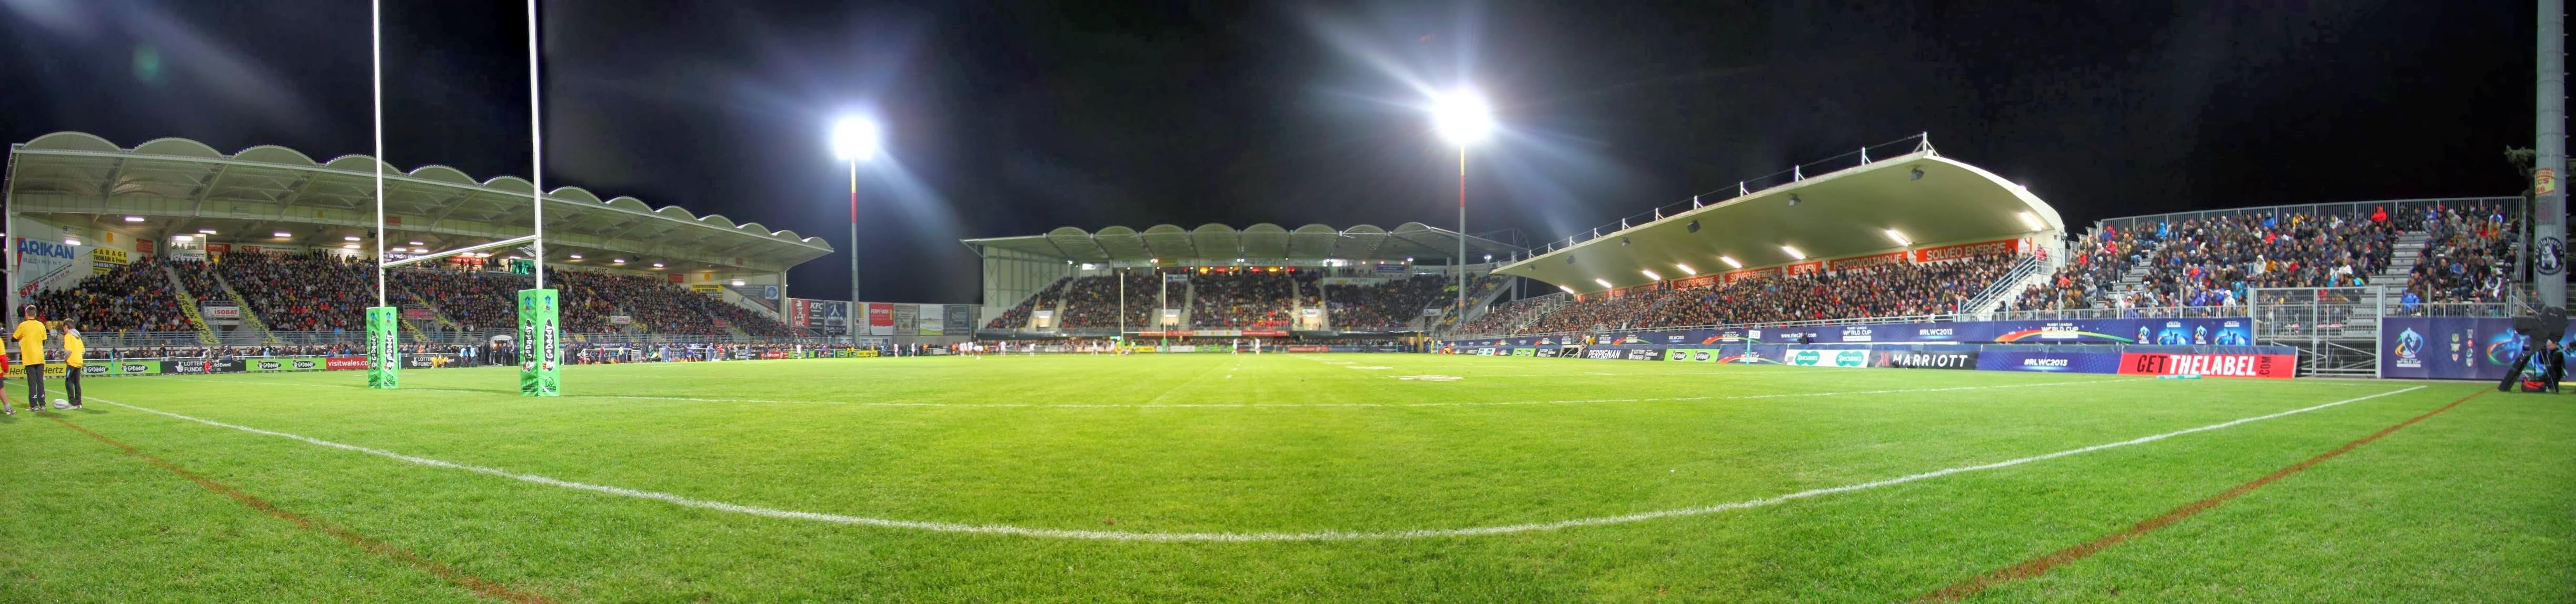 File Stade Gilbert Brutus 11112013 Jpg Wikimedia Commons